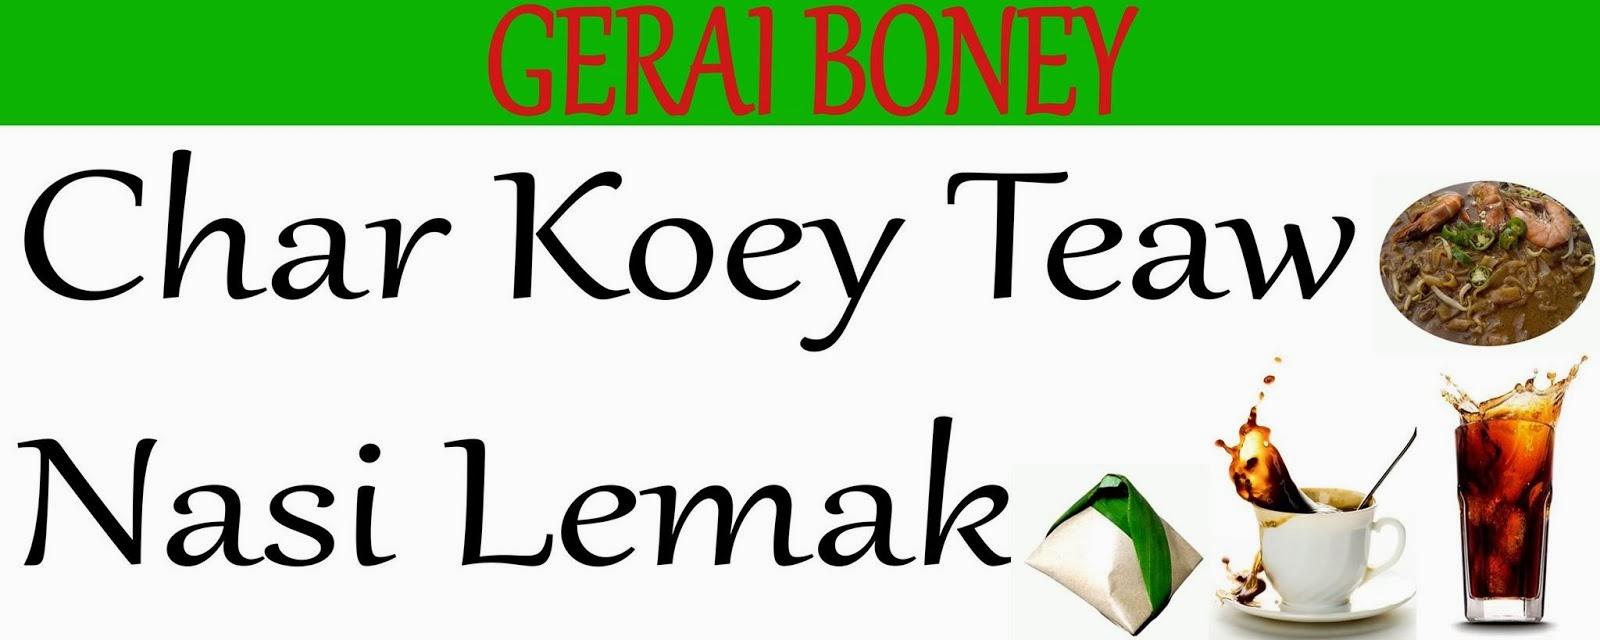 BONEY CHAR KOEY TEAW